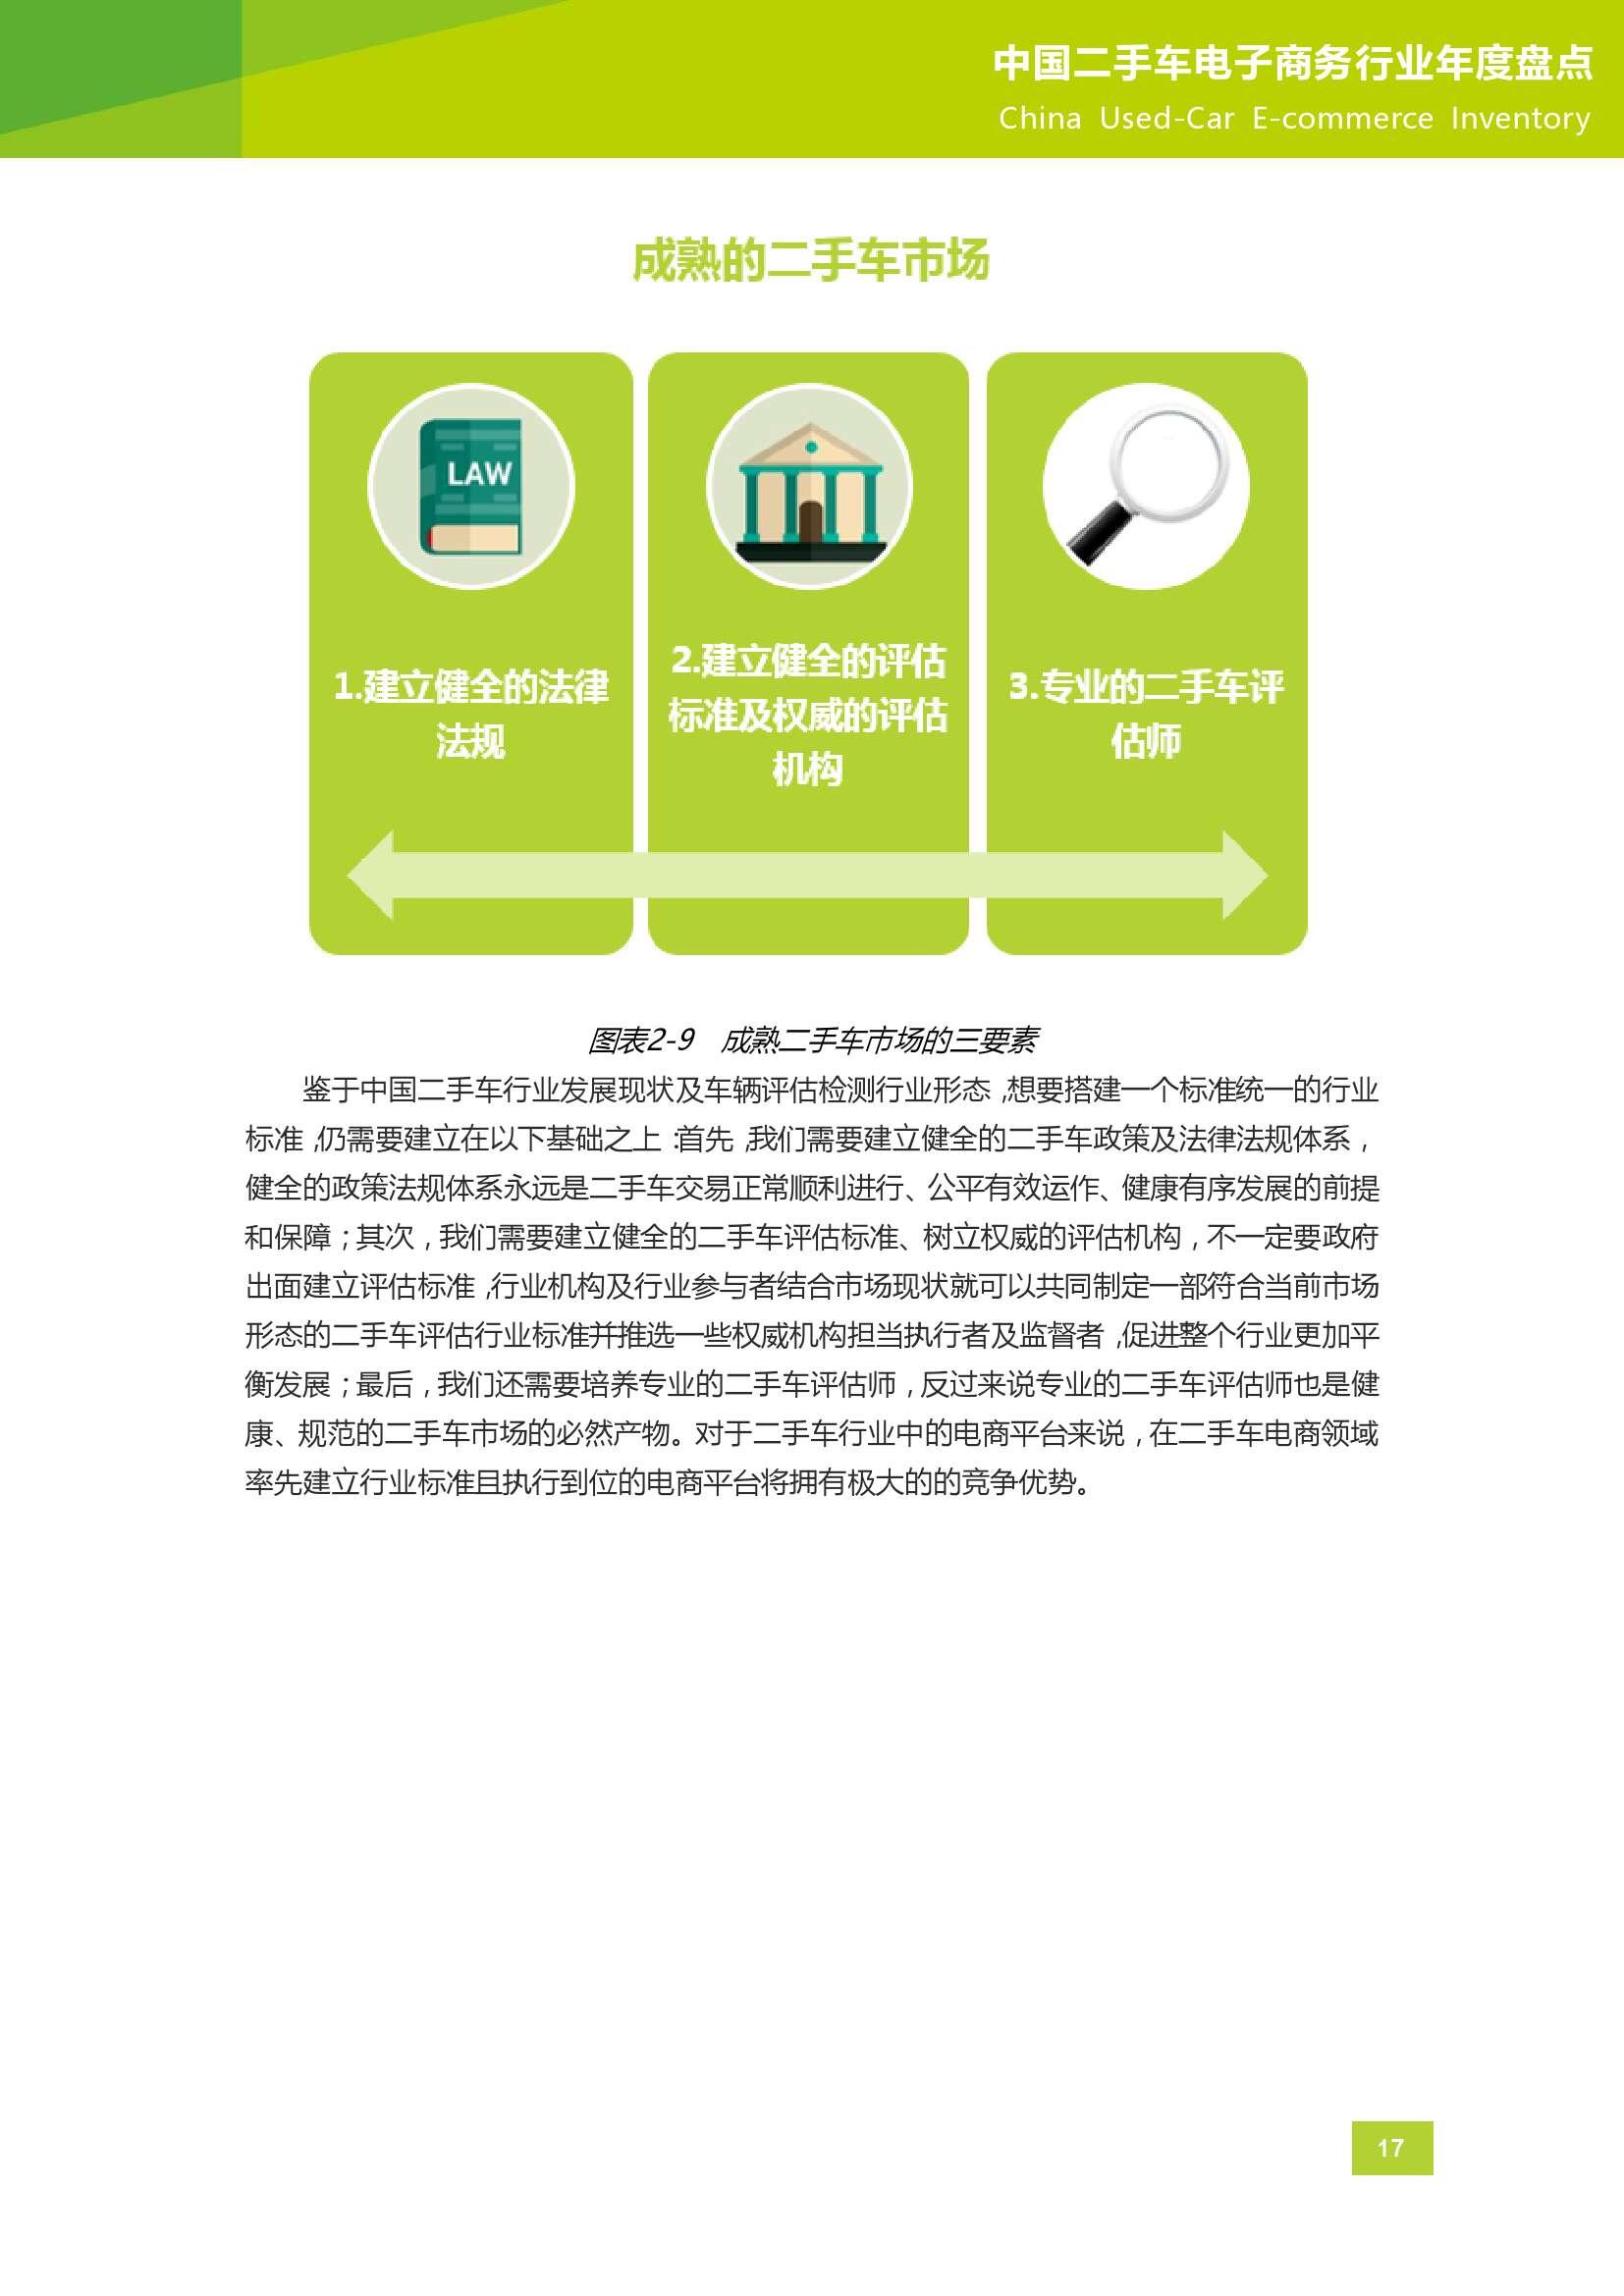 2015年中国二手车电子商务行业年度盘点_000018